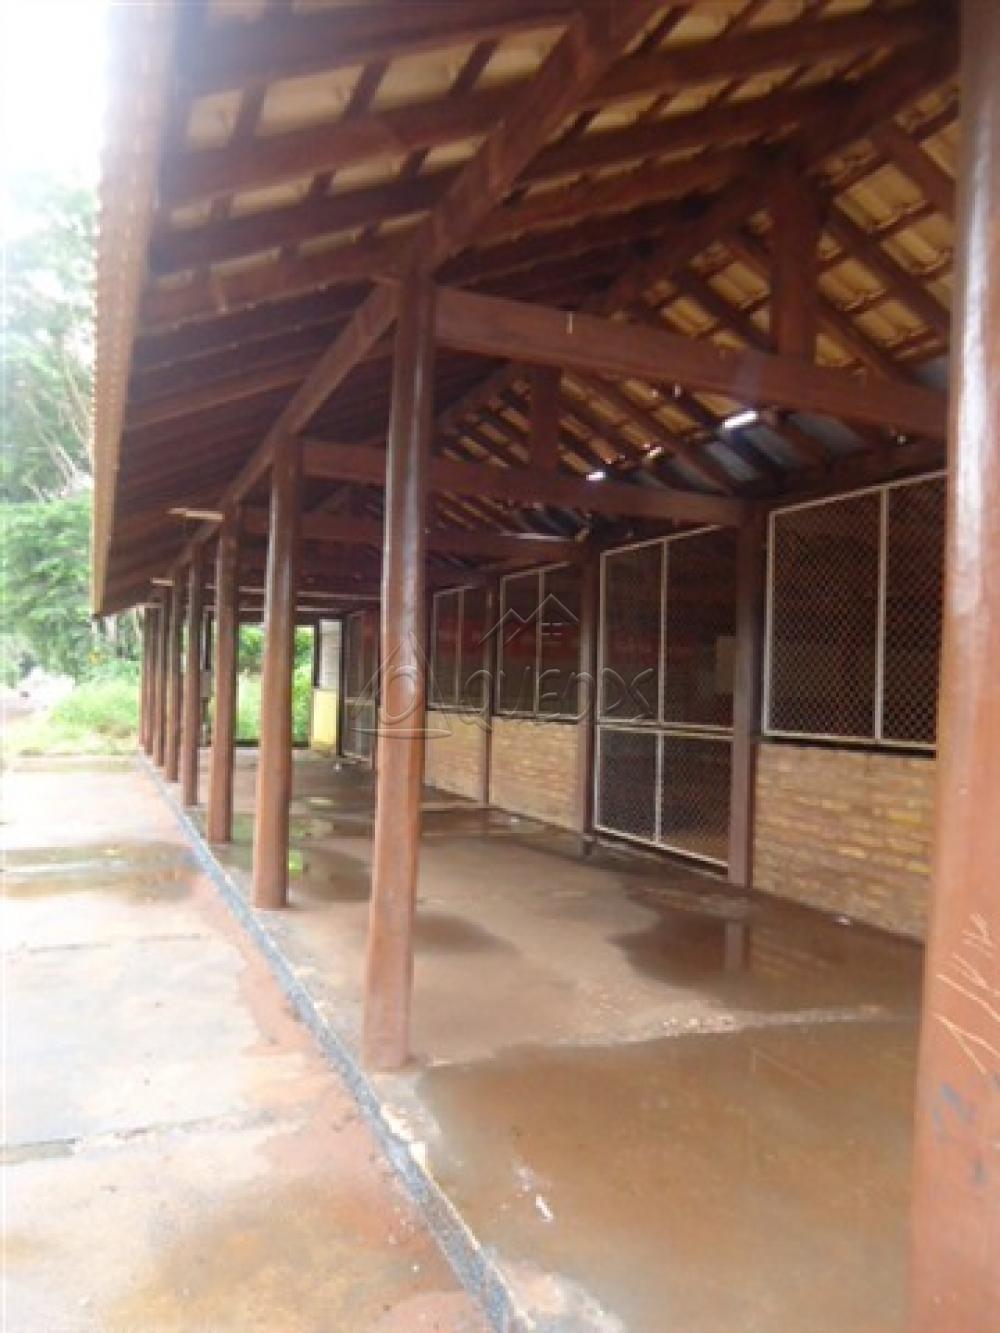 Alugar Comercial / Barracão em Alberto Moreira (Barretos) R$ 2.000,00 - Foto 2